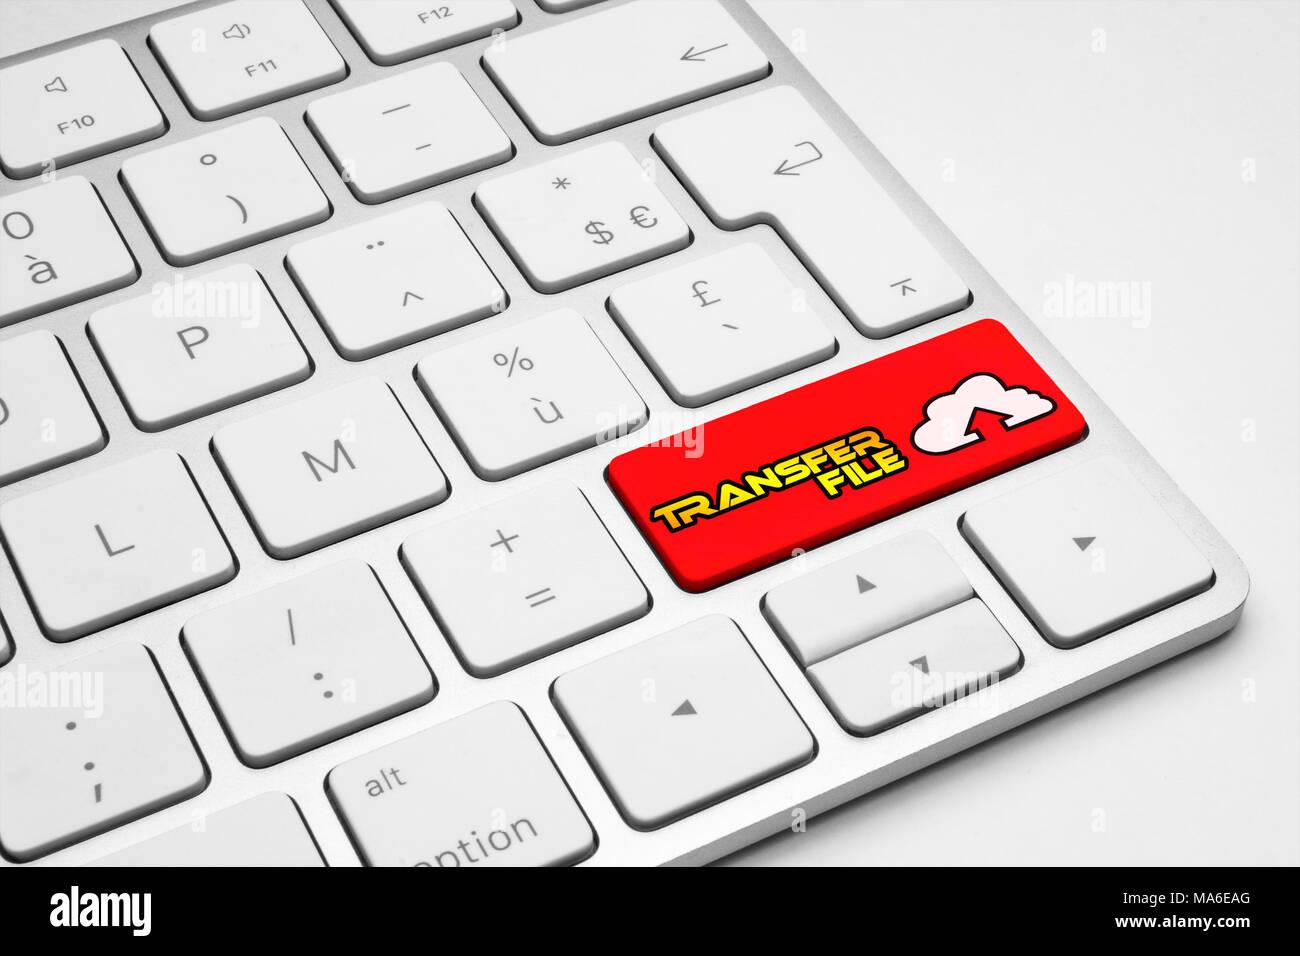 Archivo de transferencia botón rojo con un icono de una nube blanca teclado aislado - Internet, web, medios sociales y empresariales concepto ilustrativos. Imagen De Stock